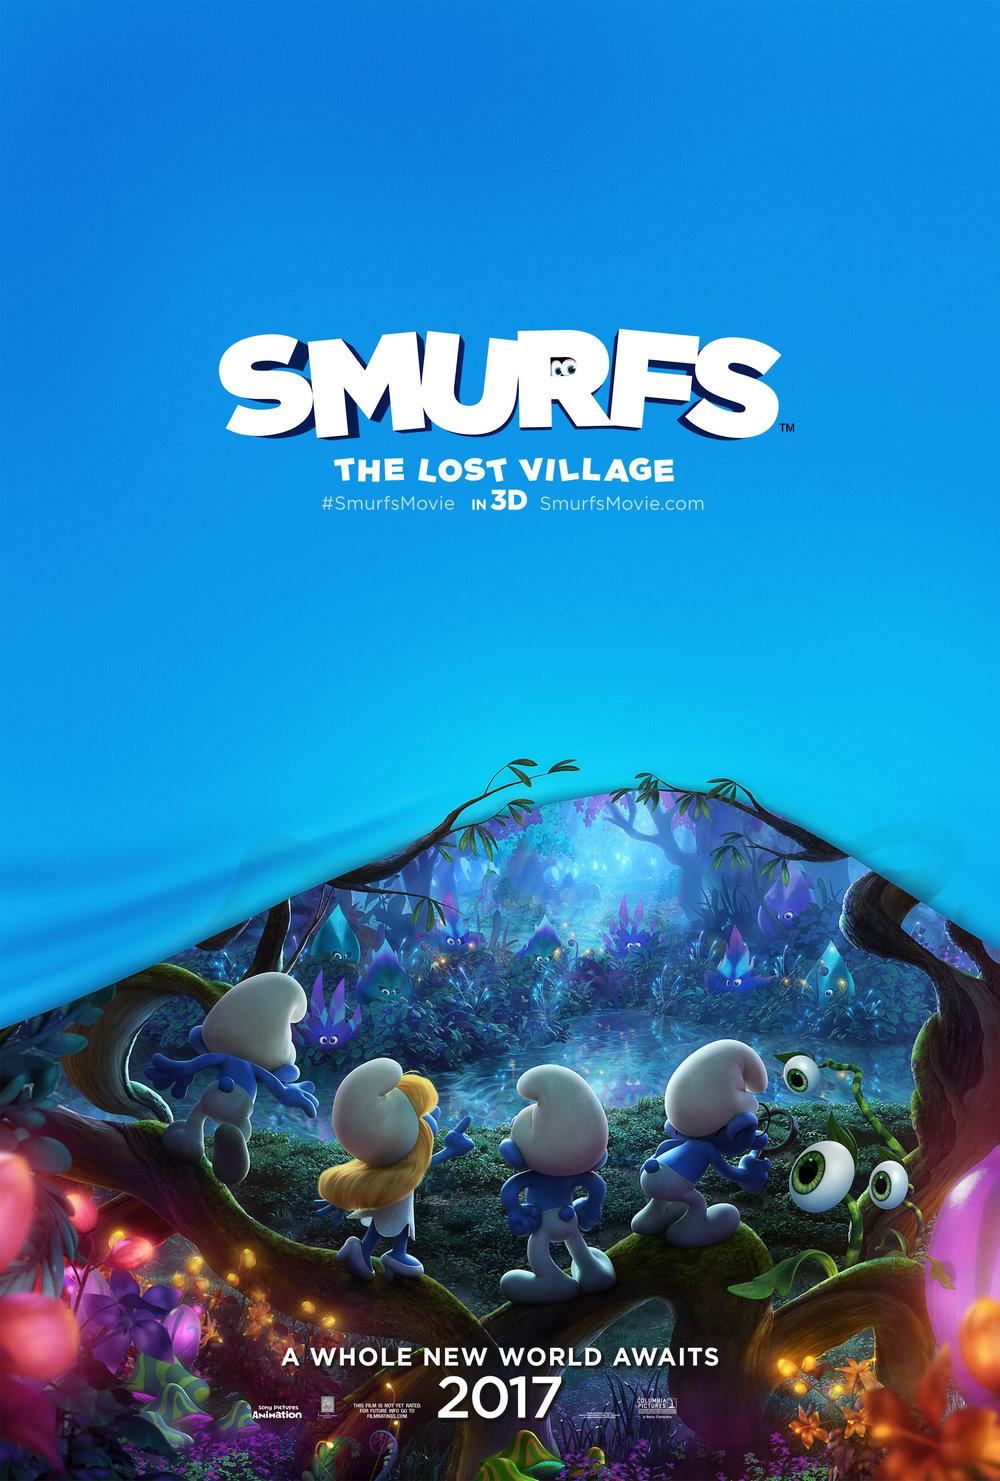 smurfs-teaser-poster.jpg